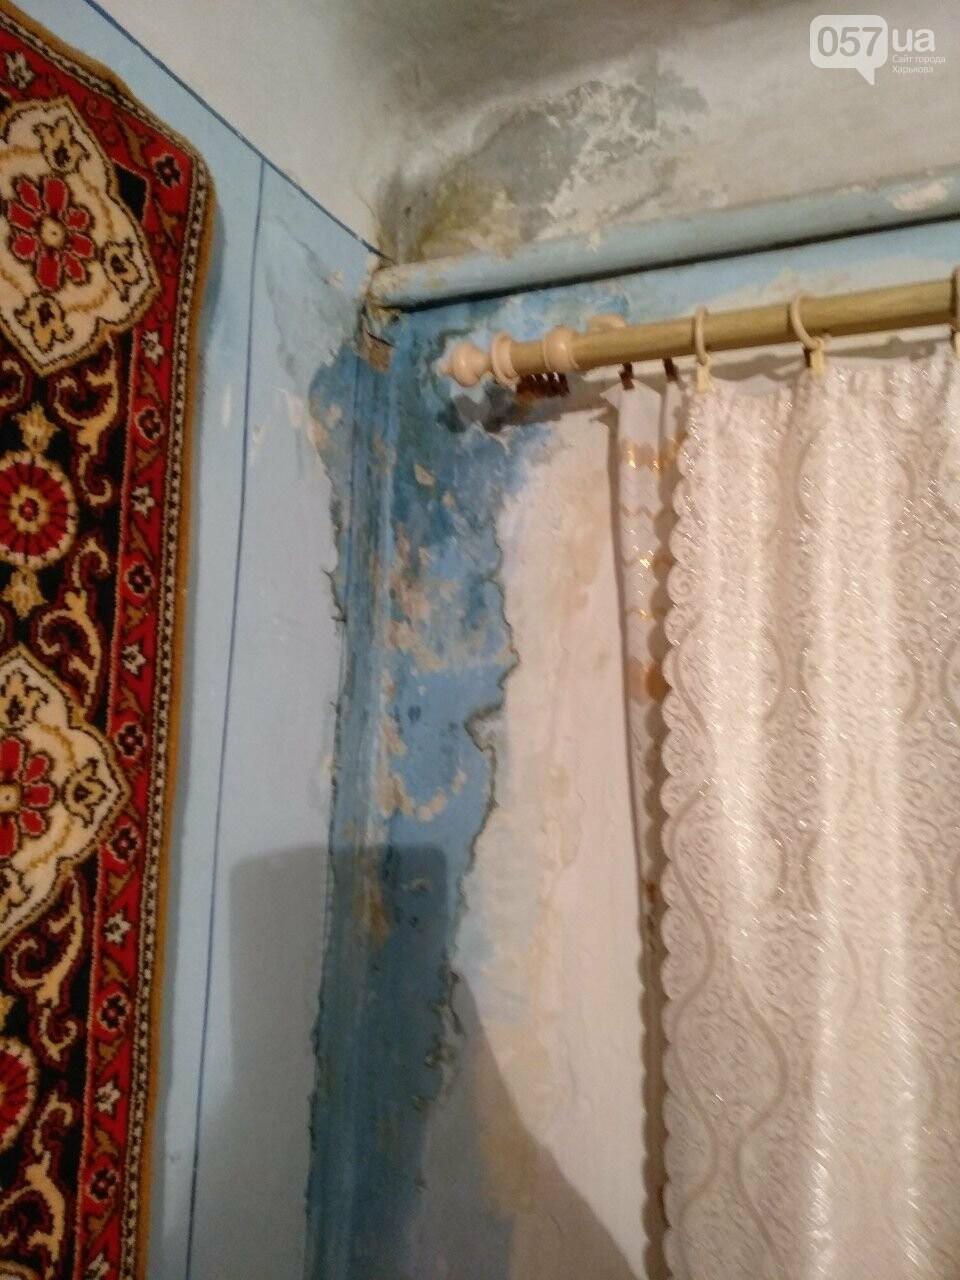 Залитые стены квартир и разваливающаяся стена дома: харьковчане пытаются справиться с коммунальным коллапсом, - ФОТО, фото-10